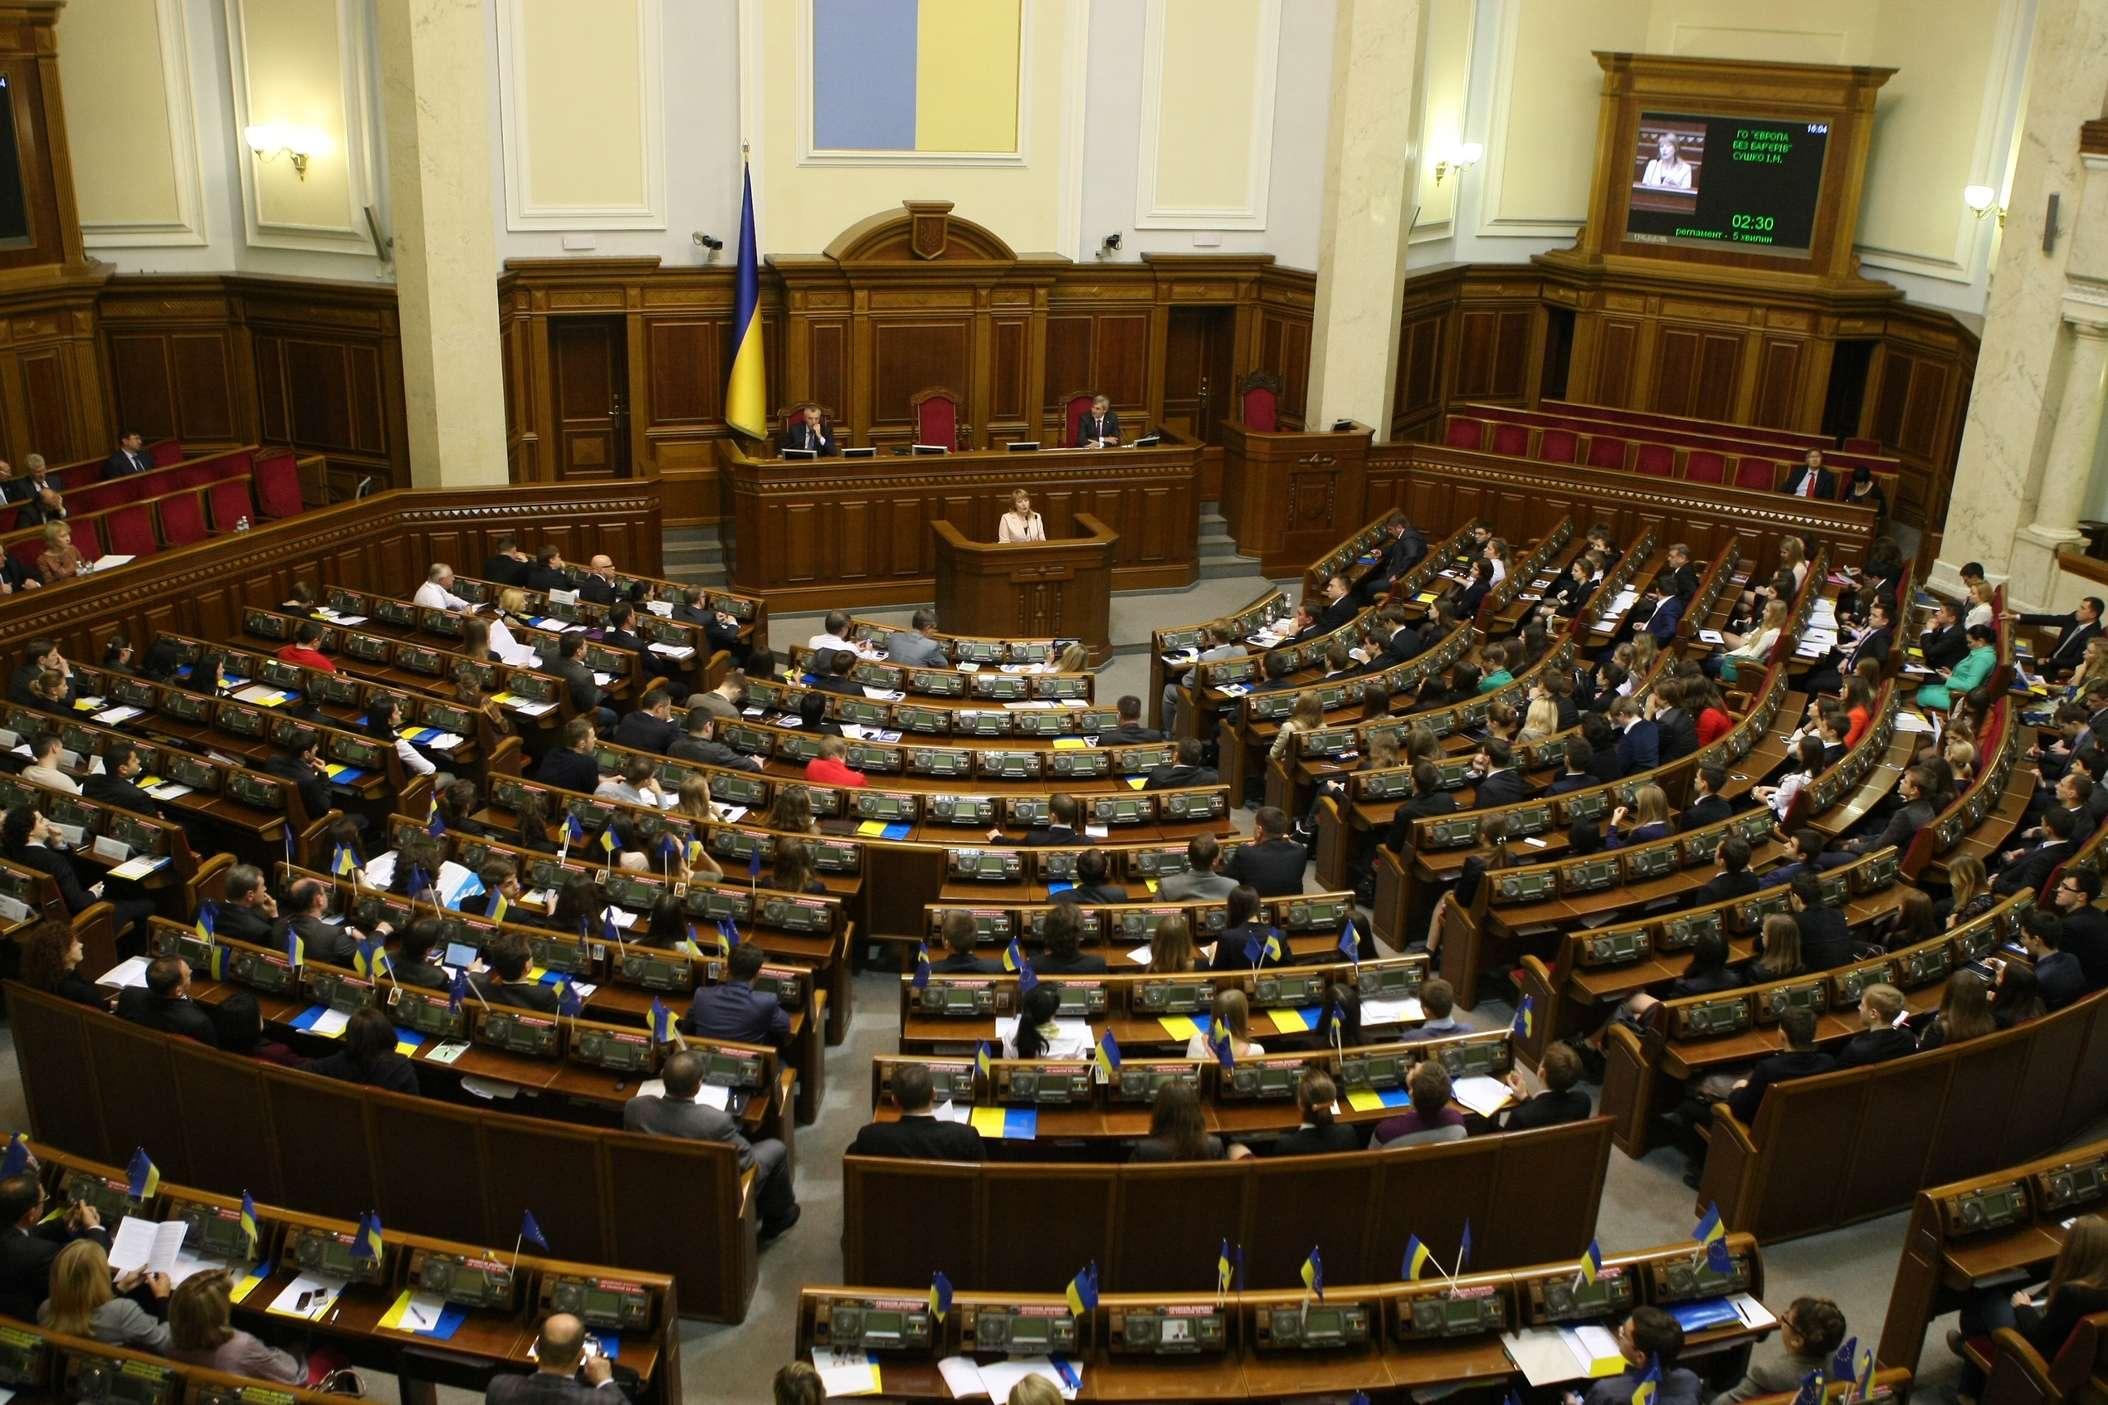 Parlamento de Ucrania se prepara para debatir nuevo proyecto de ley que busca legalizar las criptomonedas en el país